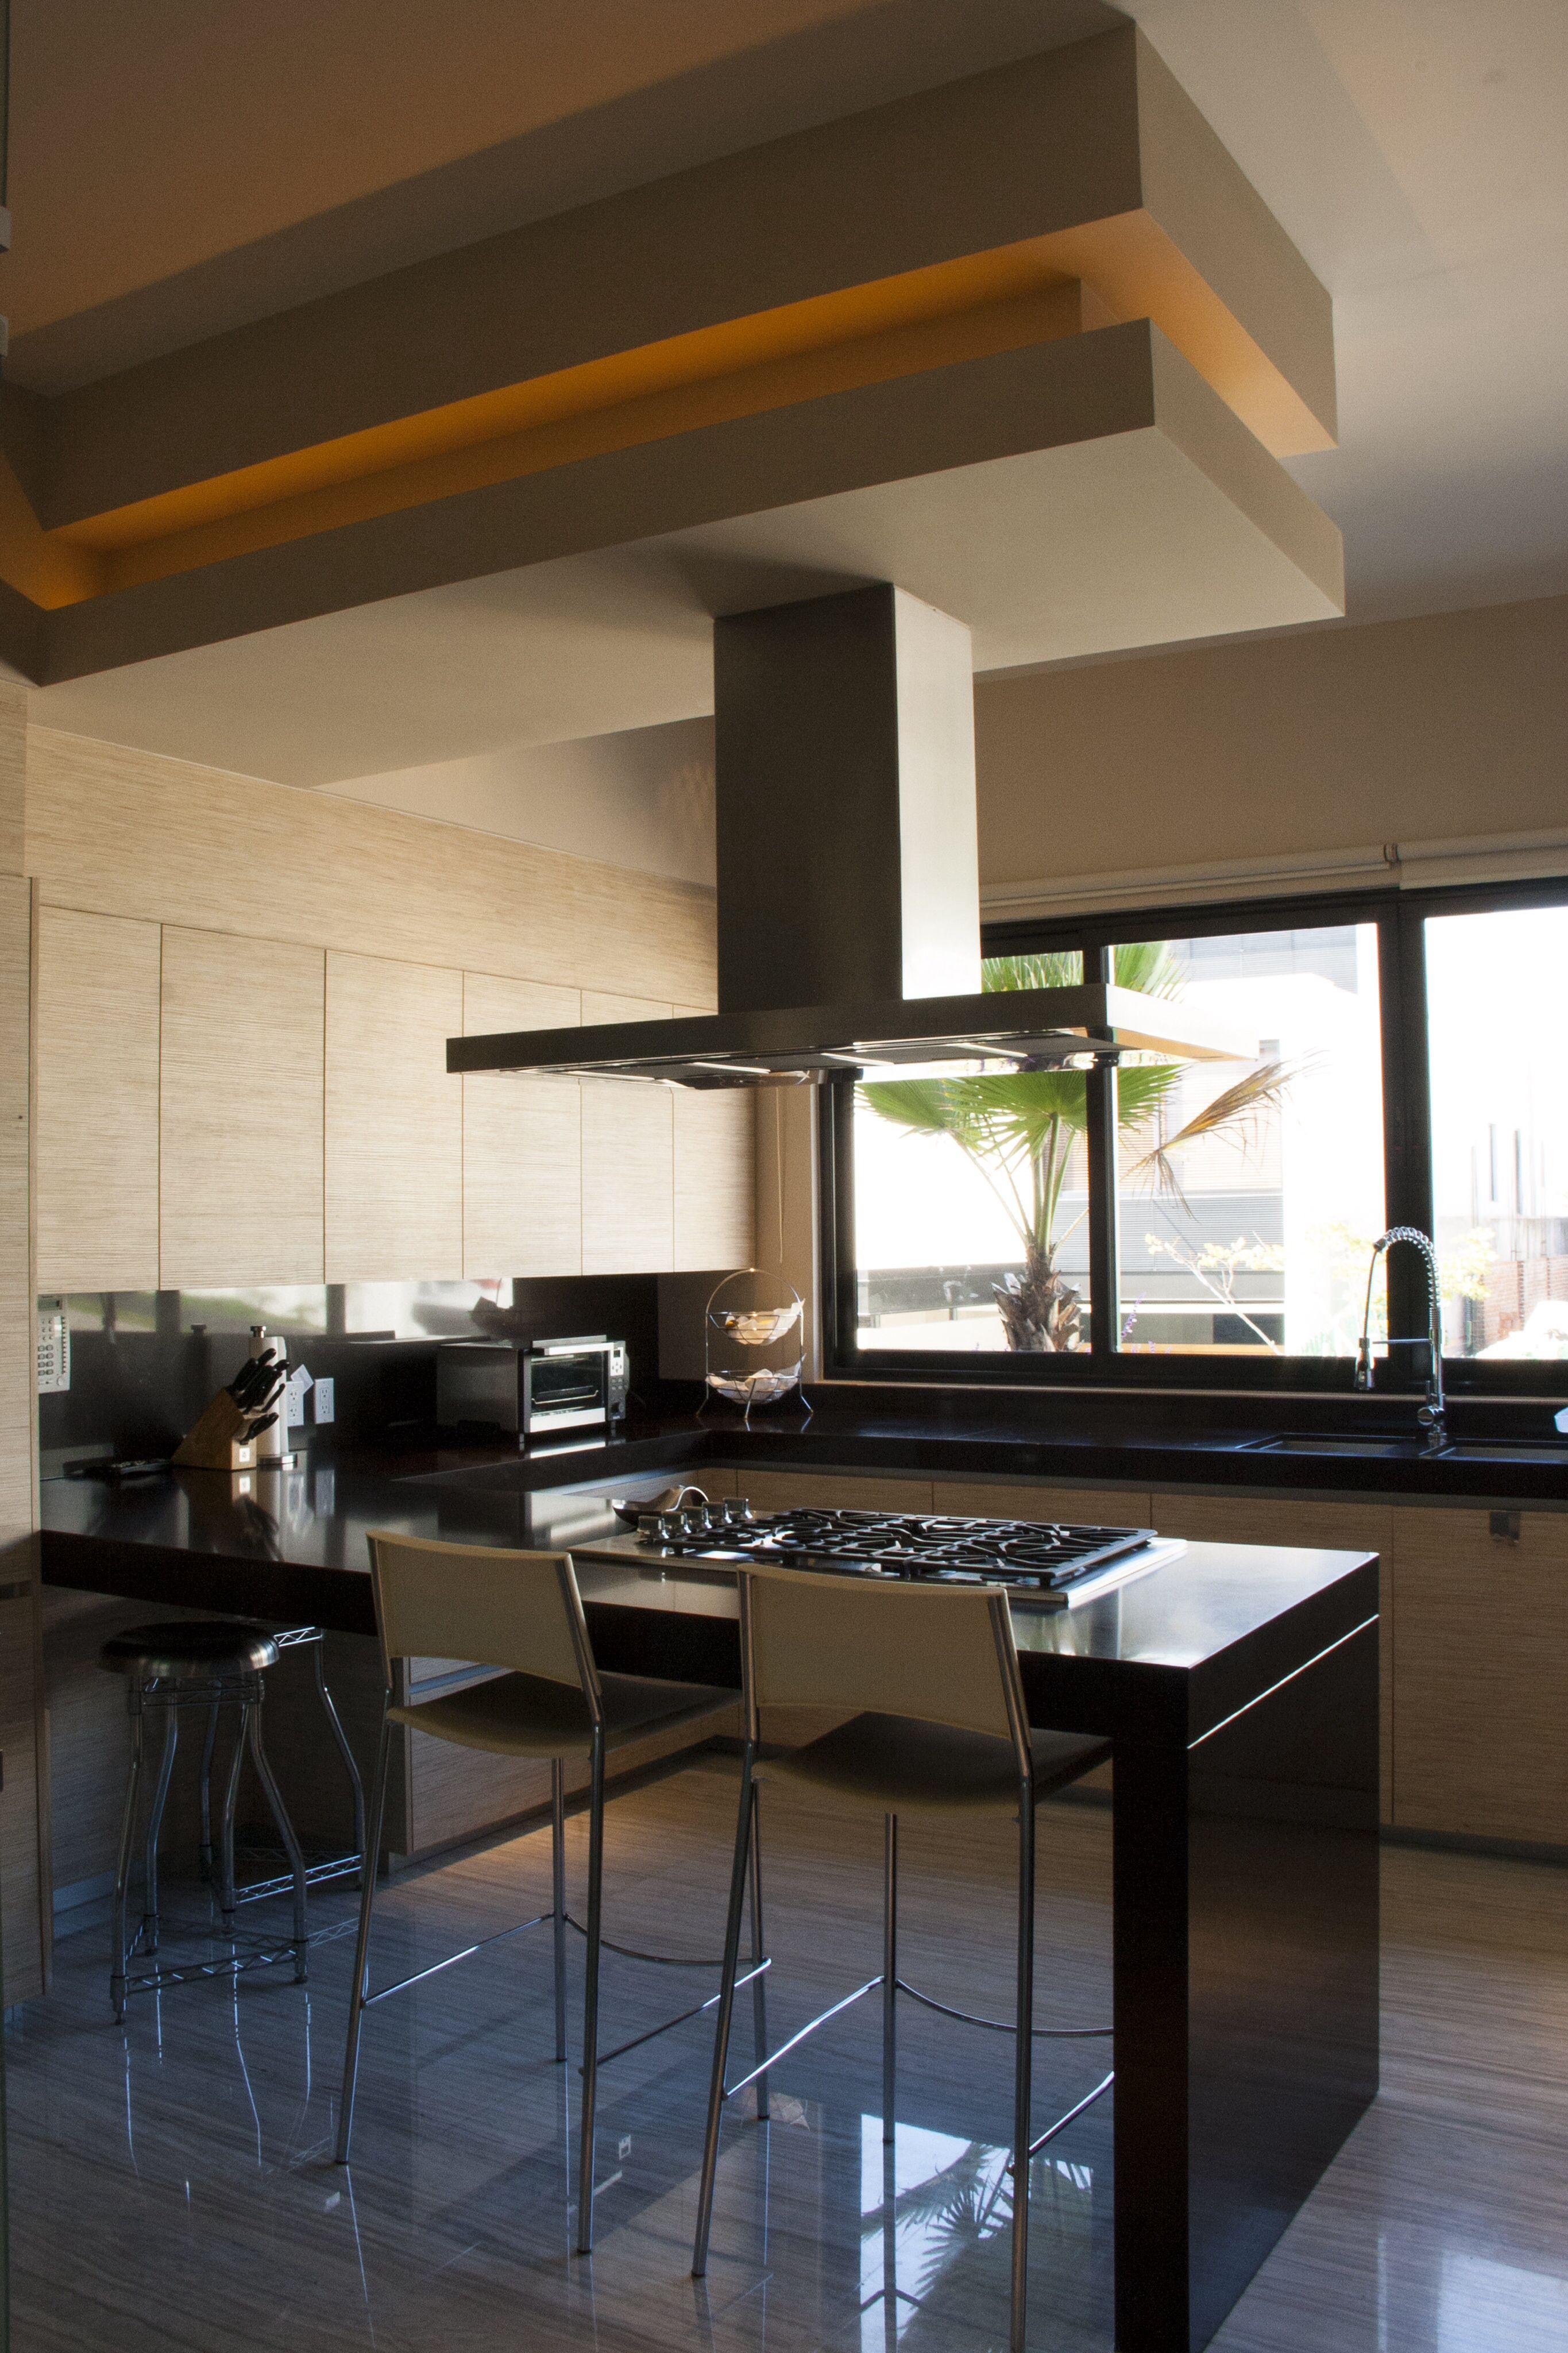 Casa ss cocina barra de granito estufa alacena con for Iluminacion de piso